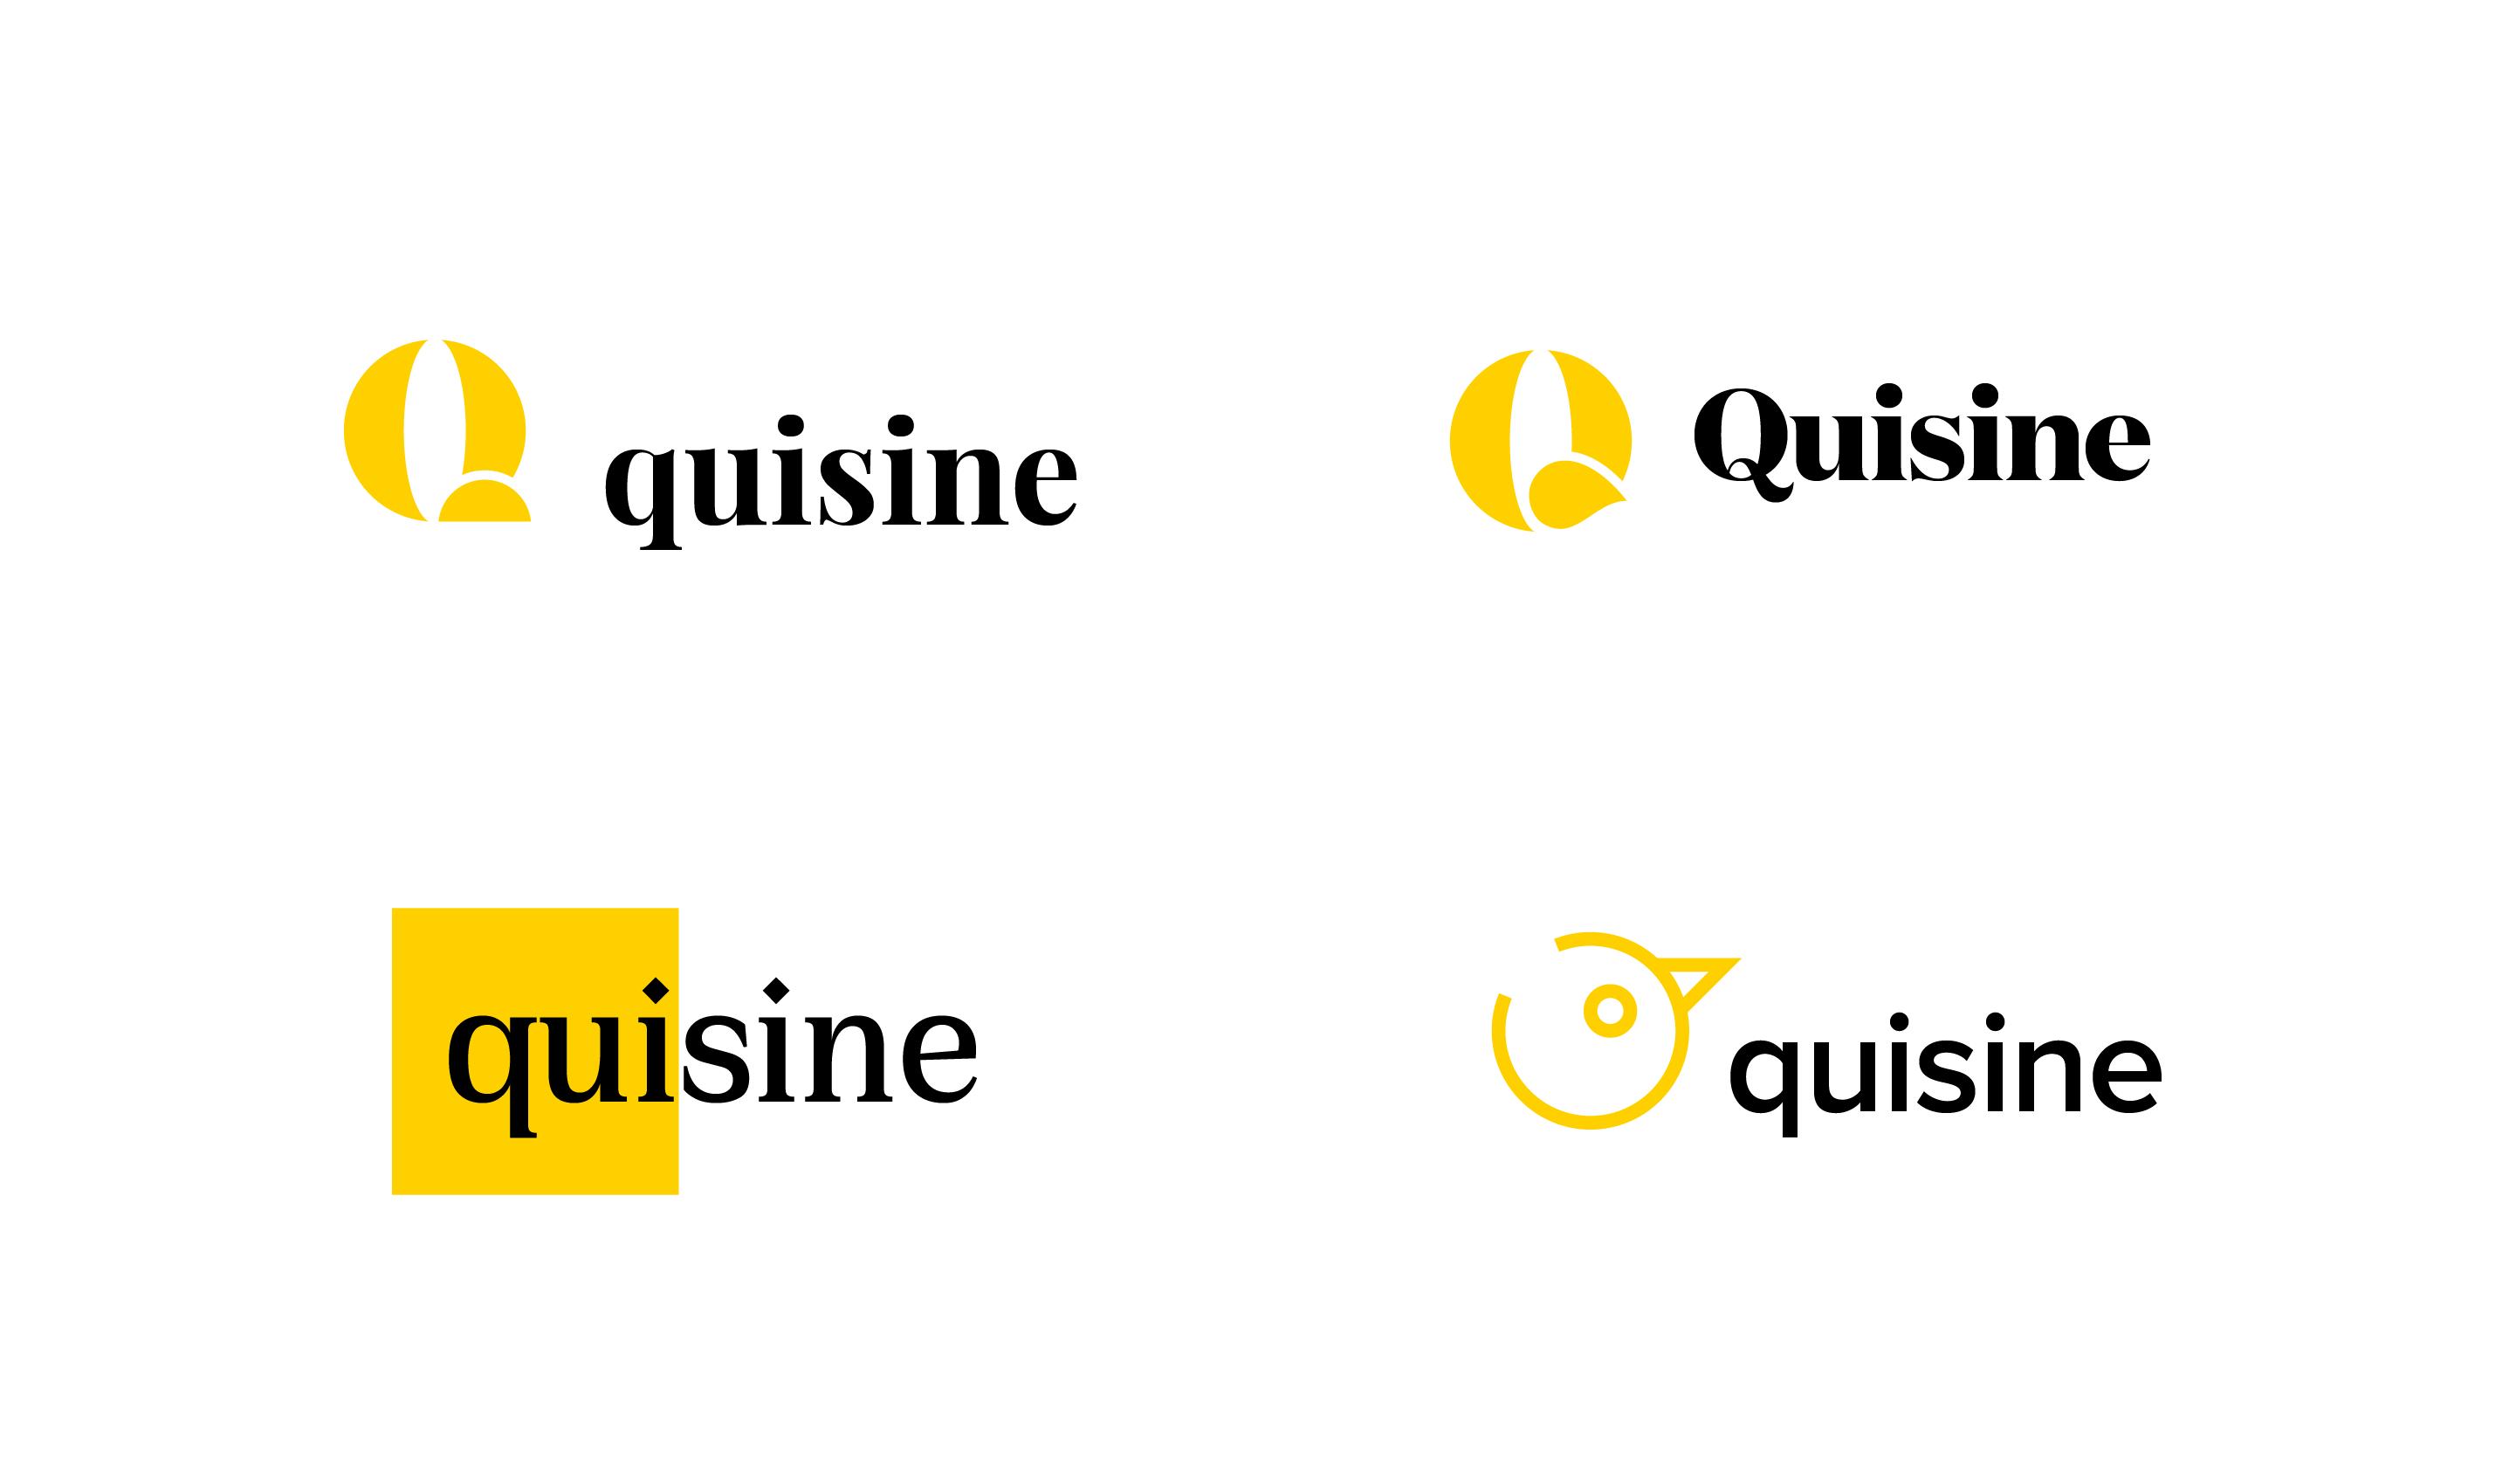 quisine logo design iterations